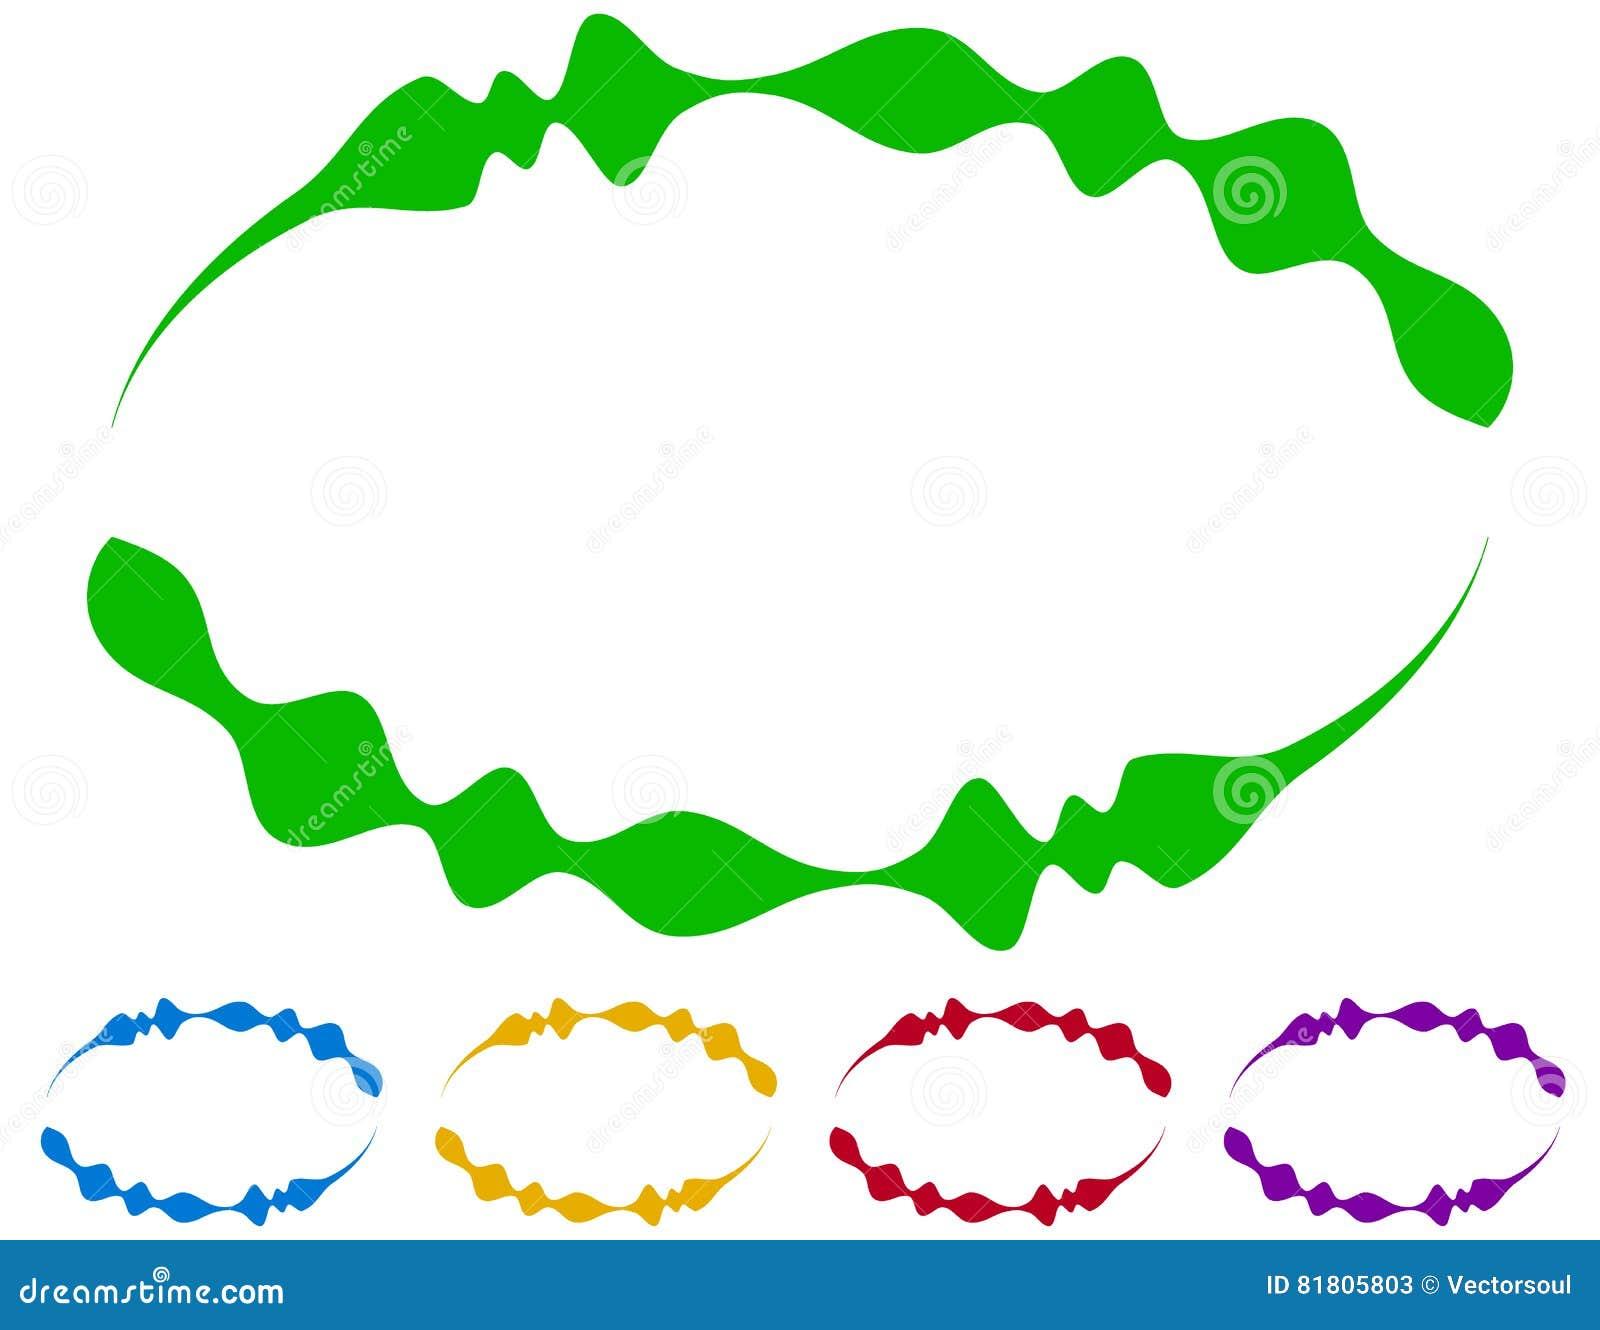 Ovale Rahmen - Grenzen In Fünf Farben Bunte Auslegungelemente Vektor ...